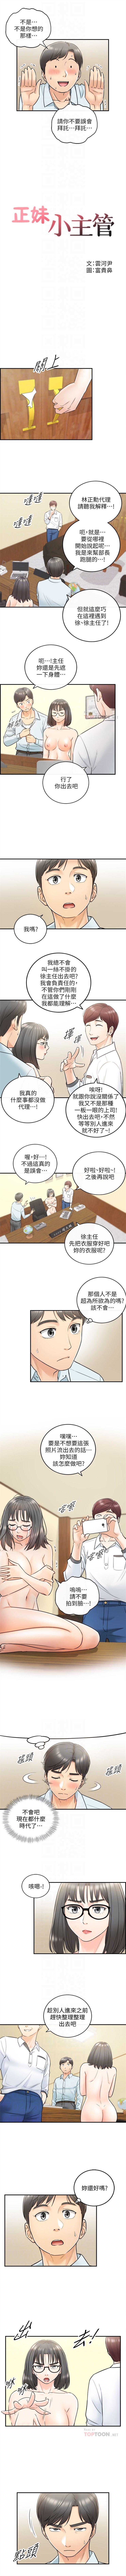 (週5)正妹小主管 1-39 中文翻譯(更新中) 98